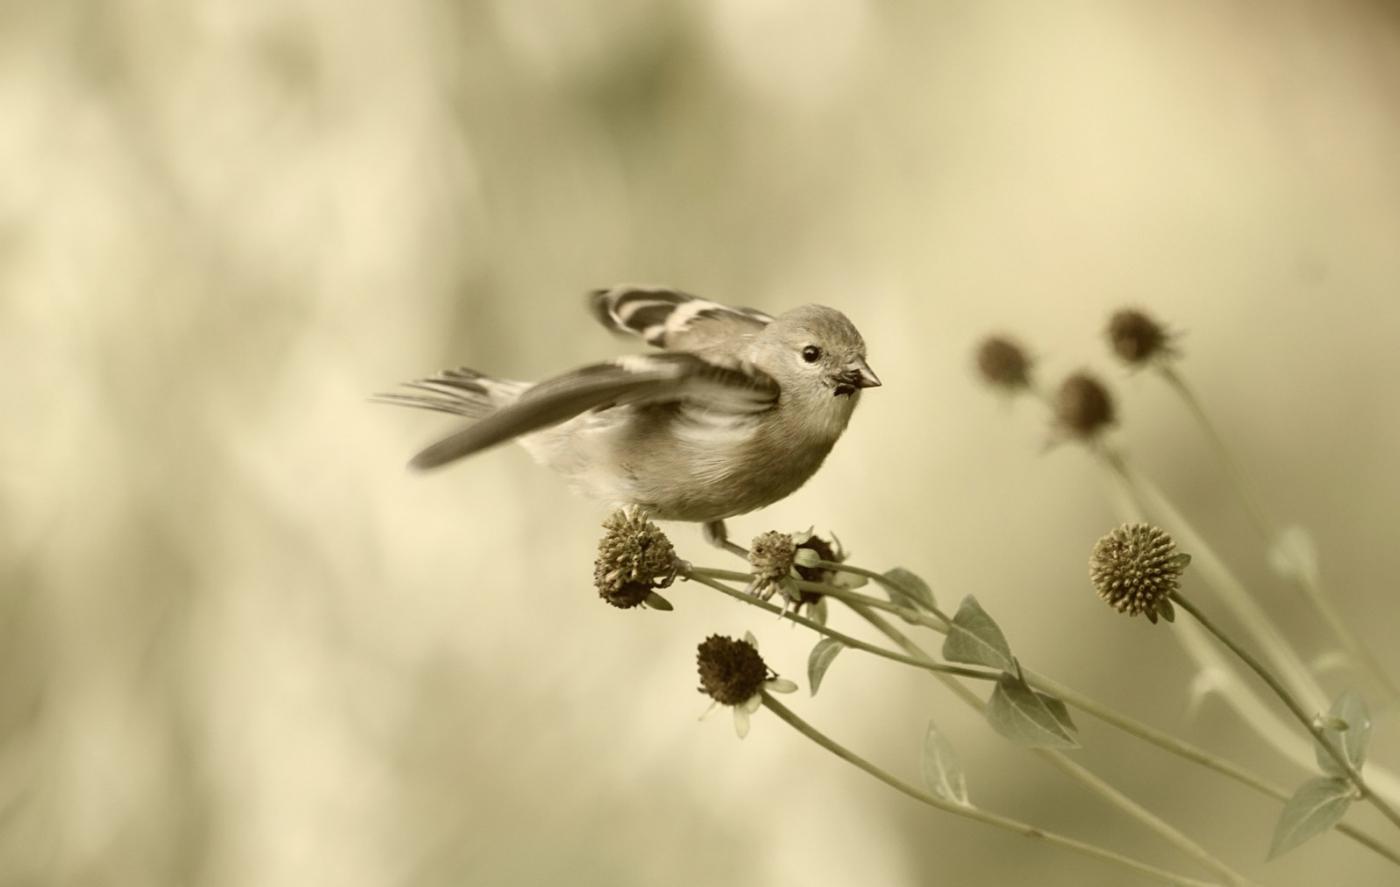 [田螺摄影]金翅鸟_图1-4